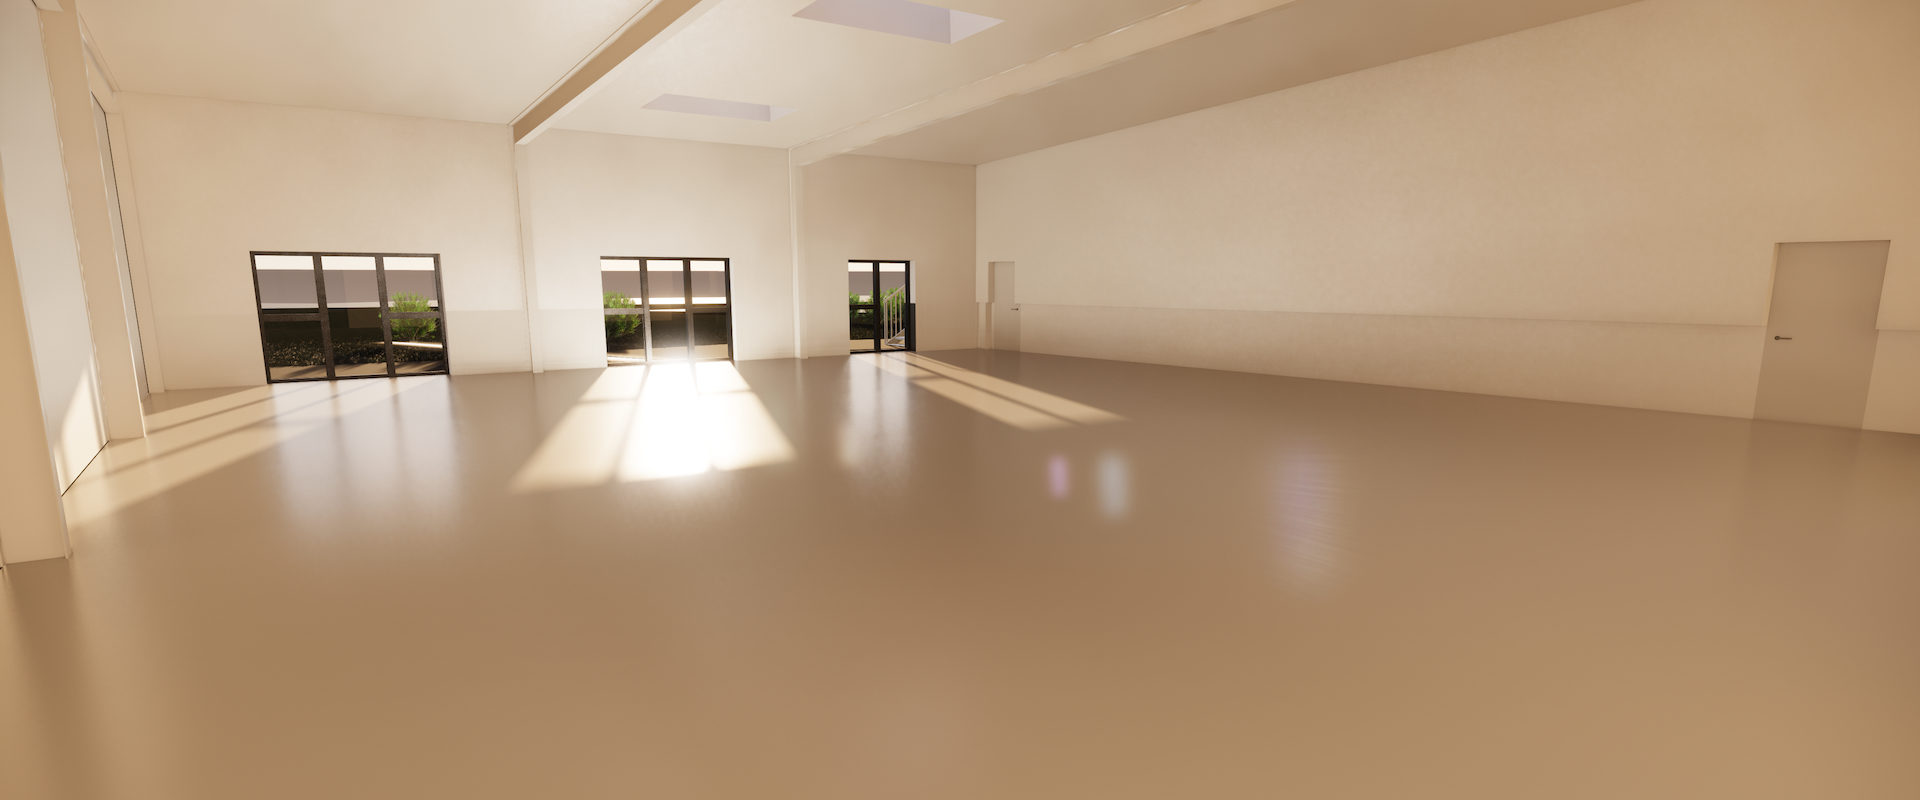 dansesal sjælland